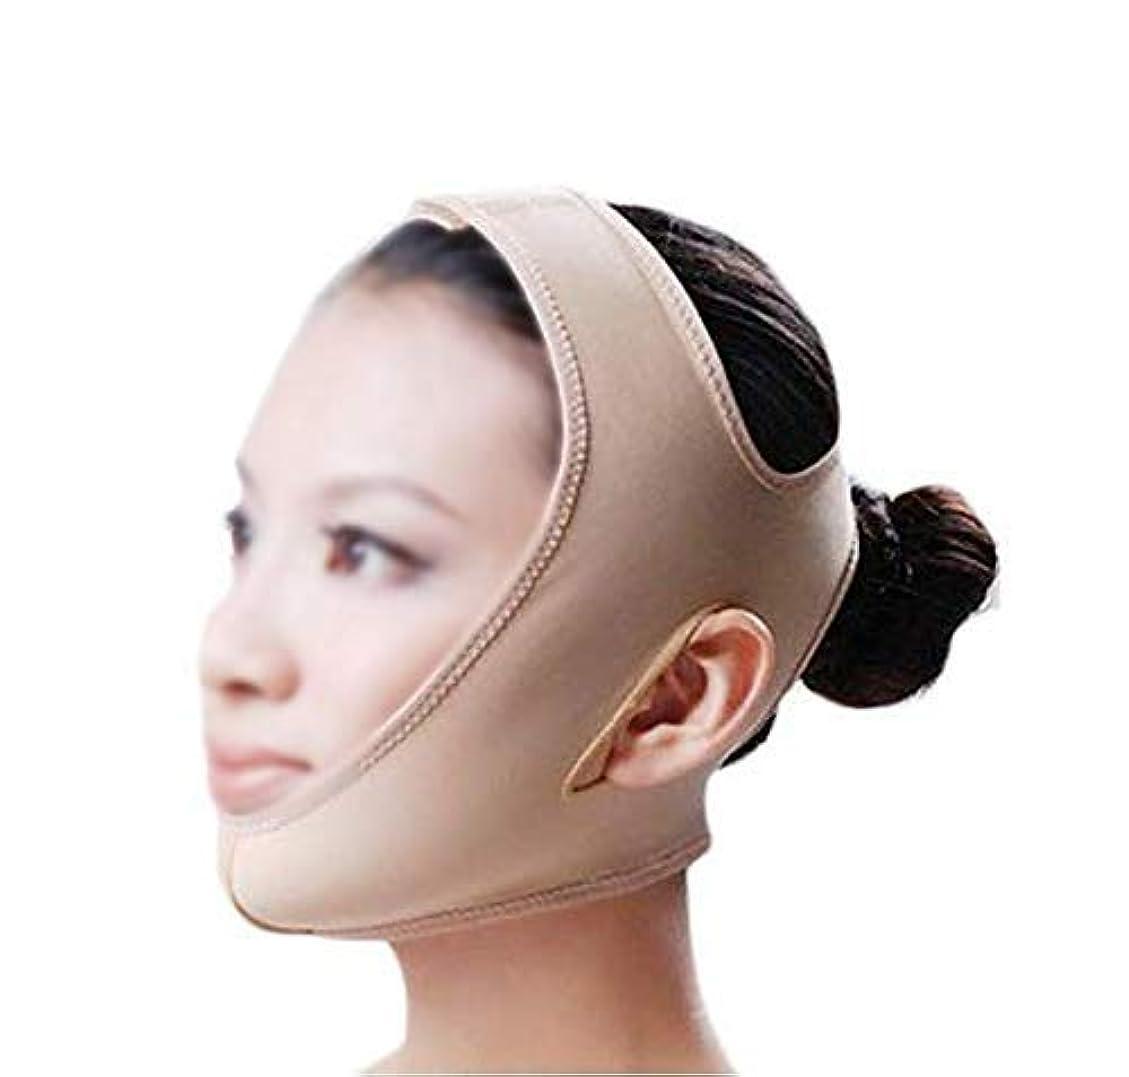 ベッドを作る入学する大ファーミングフェイスマスク、マスクフェイスマスク美容医学フェイスマスク美容Vフェイス包帯ライン彫刻リフティングファーミングダブルチンマスク(サイズ:S),Xl